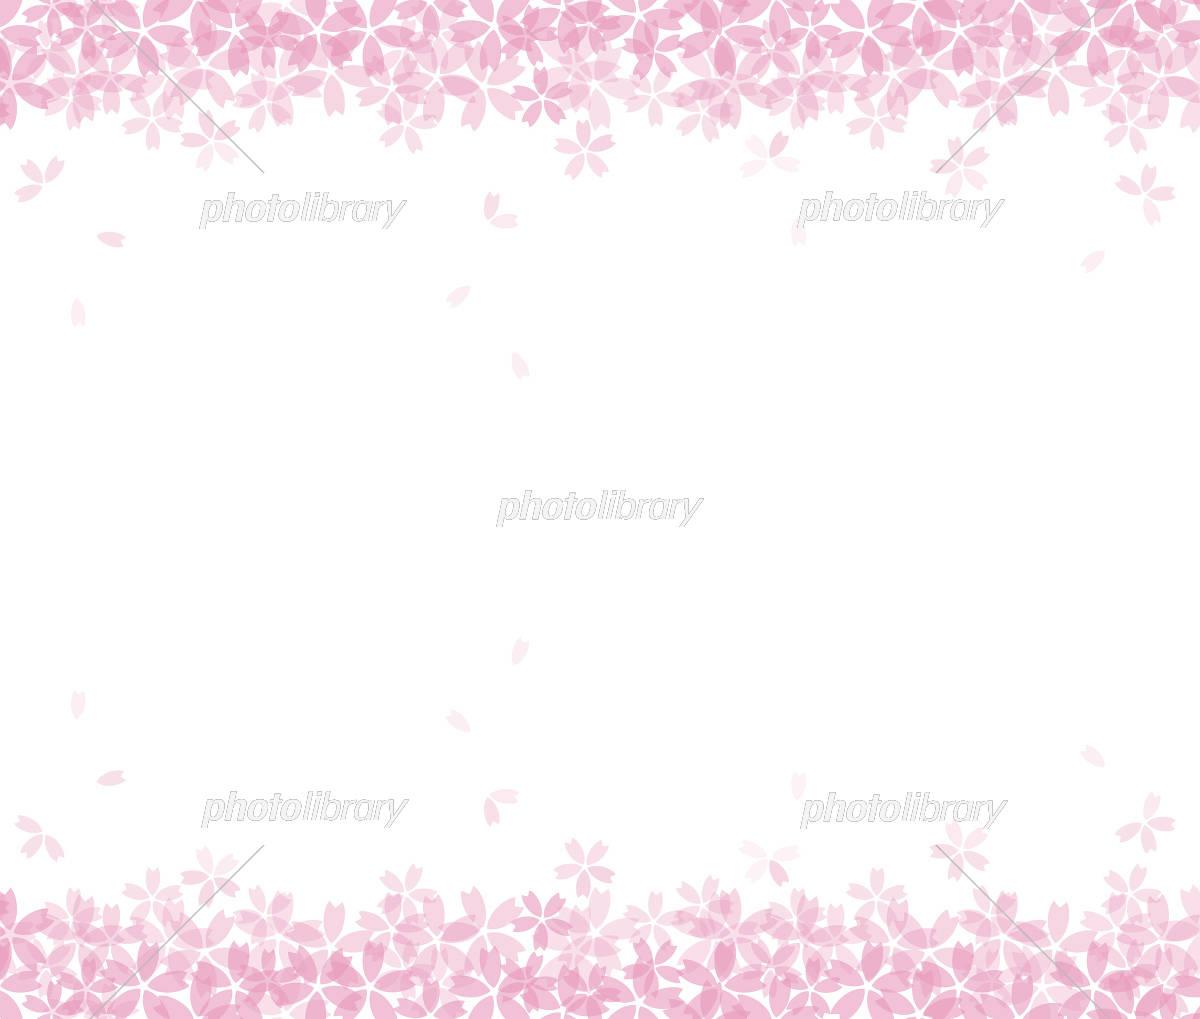 桜の和風背景イラスト 桜吹雪 イラスト素材 [ 5468865 ] - フォトライブ